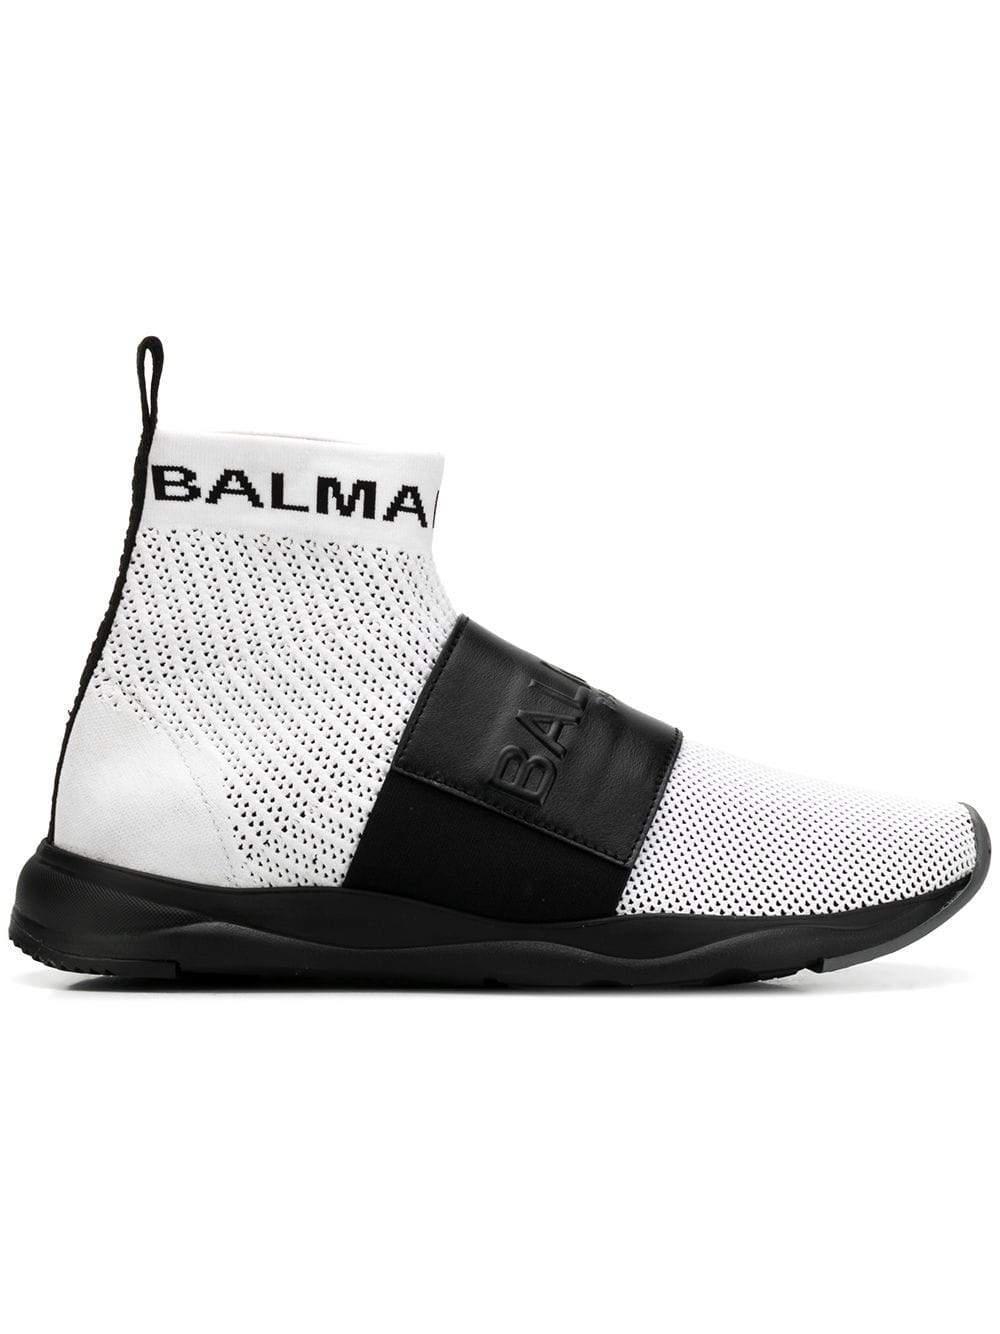 beaf551897 Balmain Paris Mesh Cameron Sneakers in Black for Men - Lyst